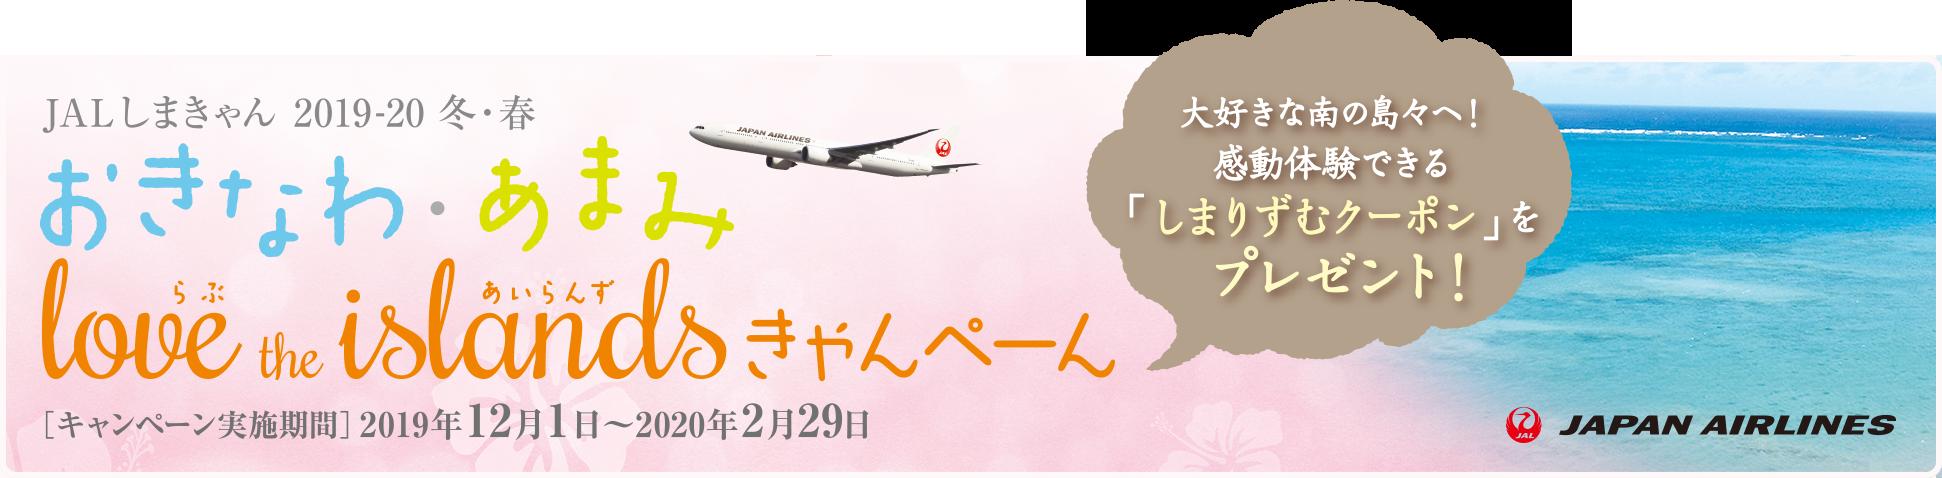 奄美 大島 ツアー